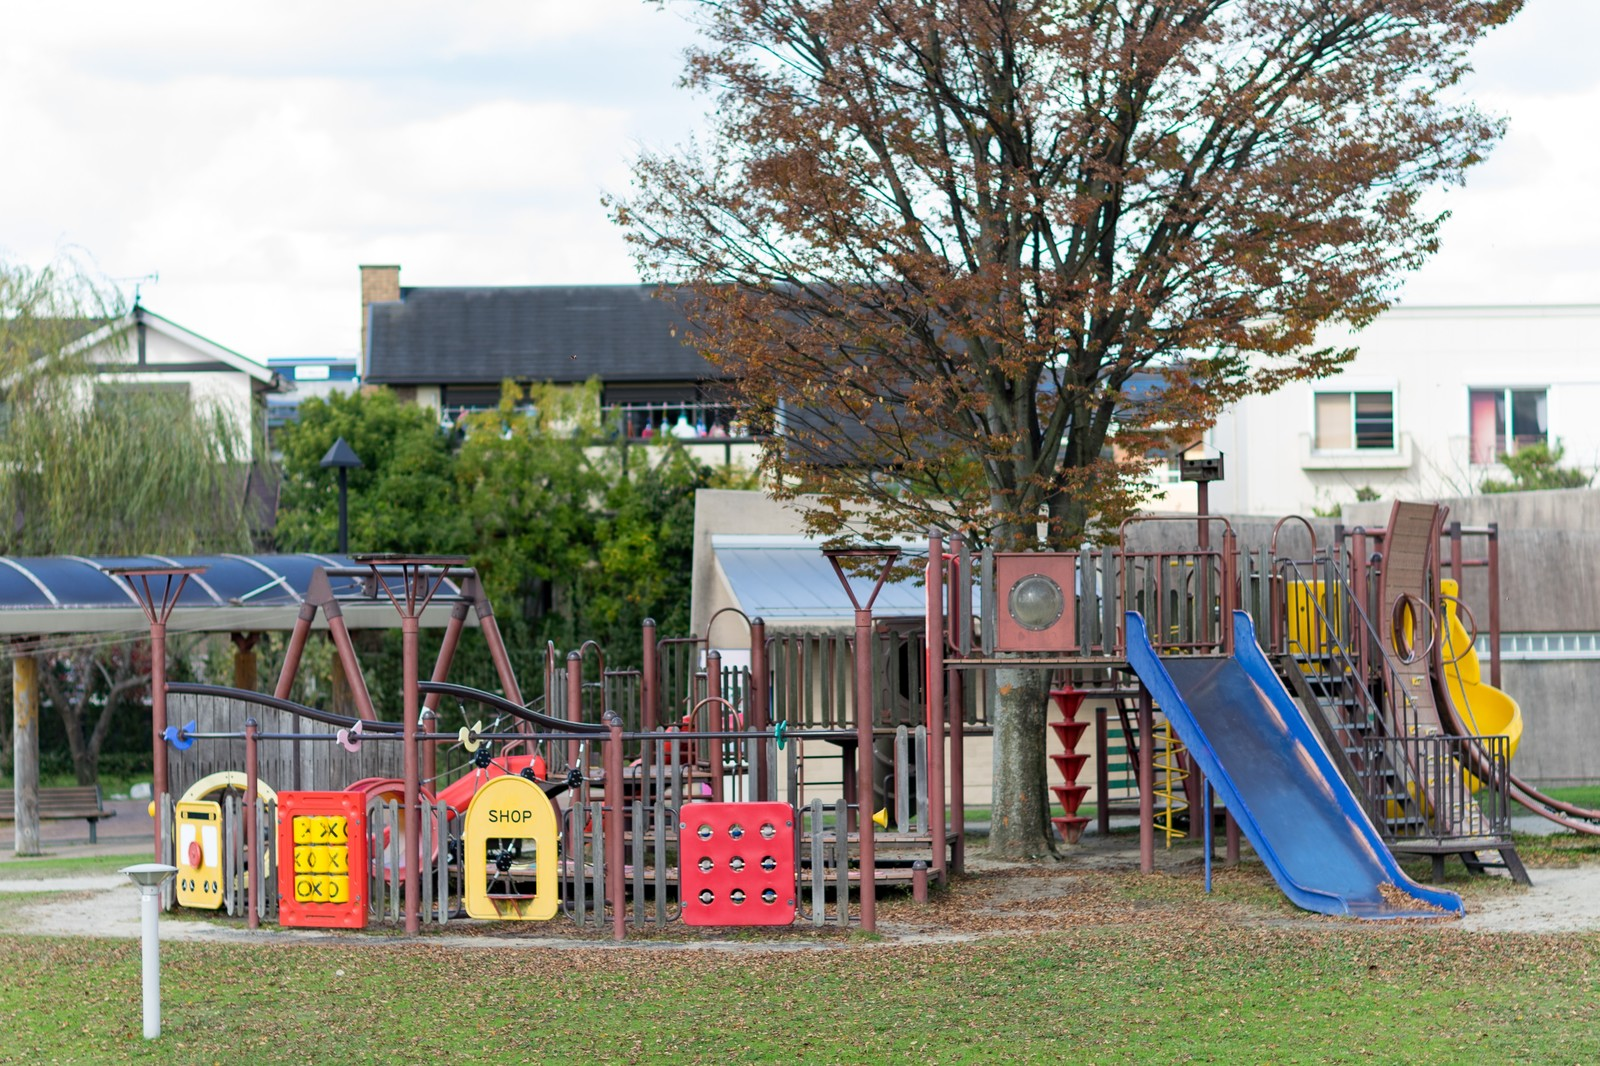 関西のおすすめ公園で子供と遊ぼう!人気の遊具や水遊びも楽しい!